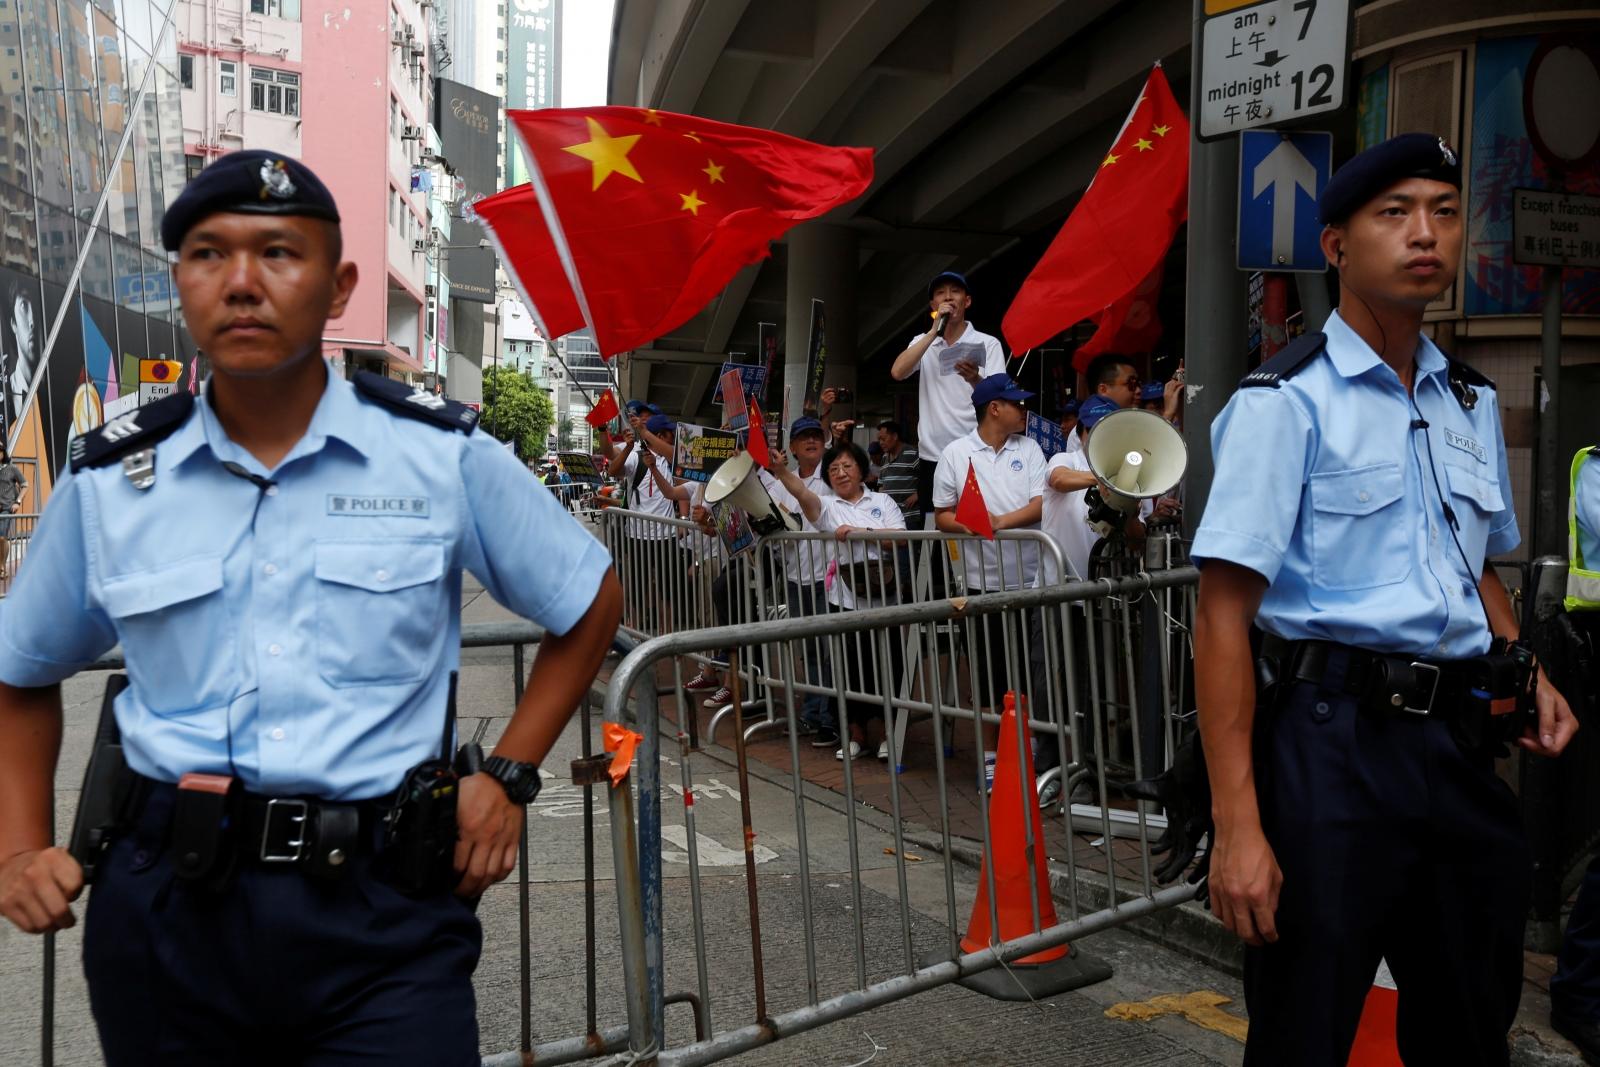 Hong Kong journalists China